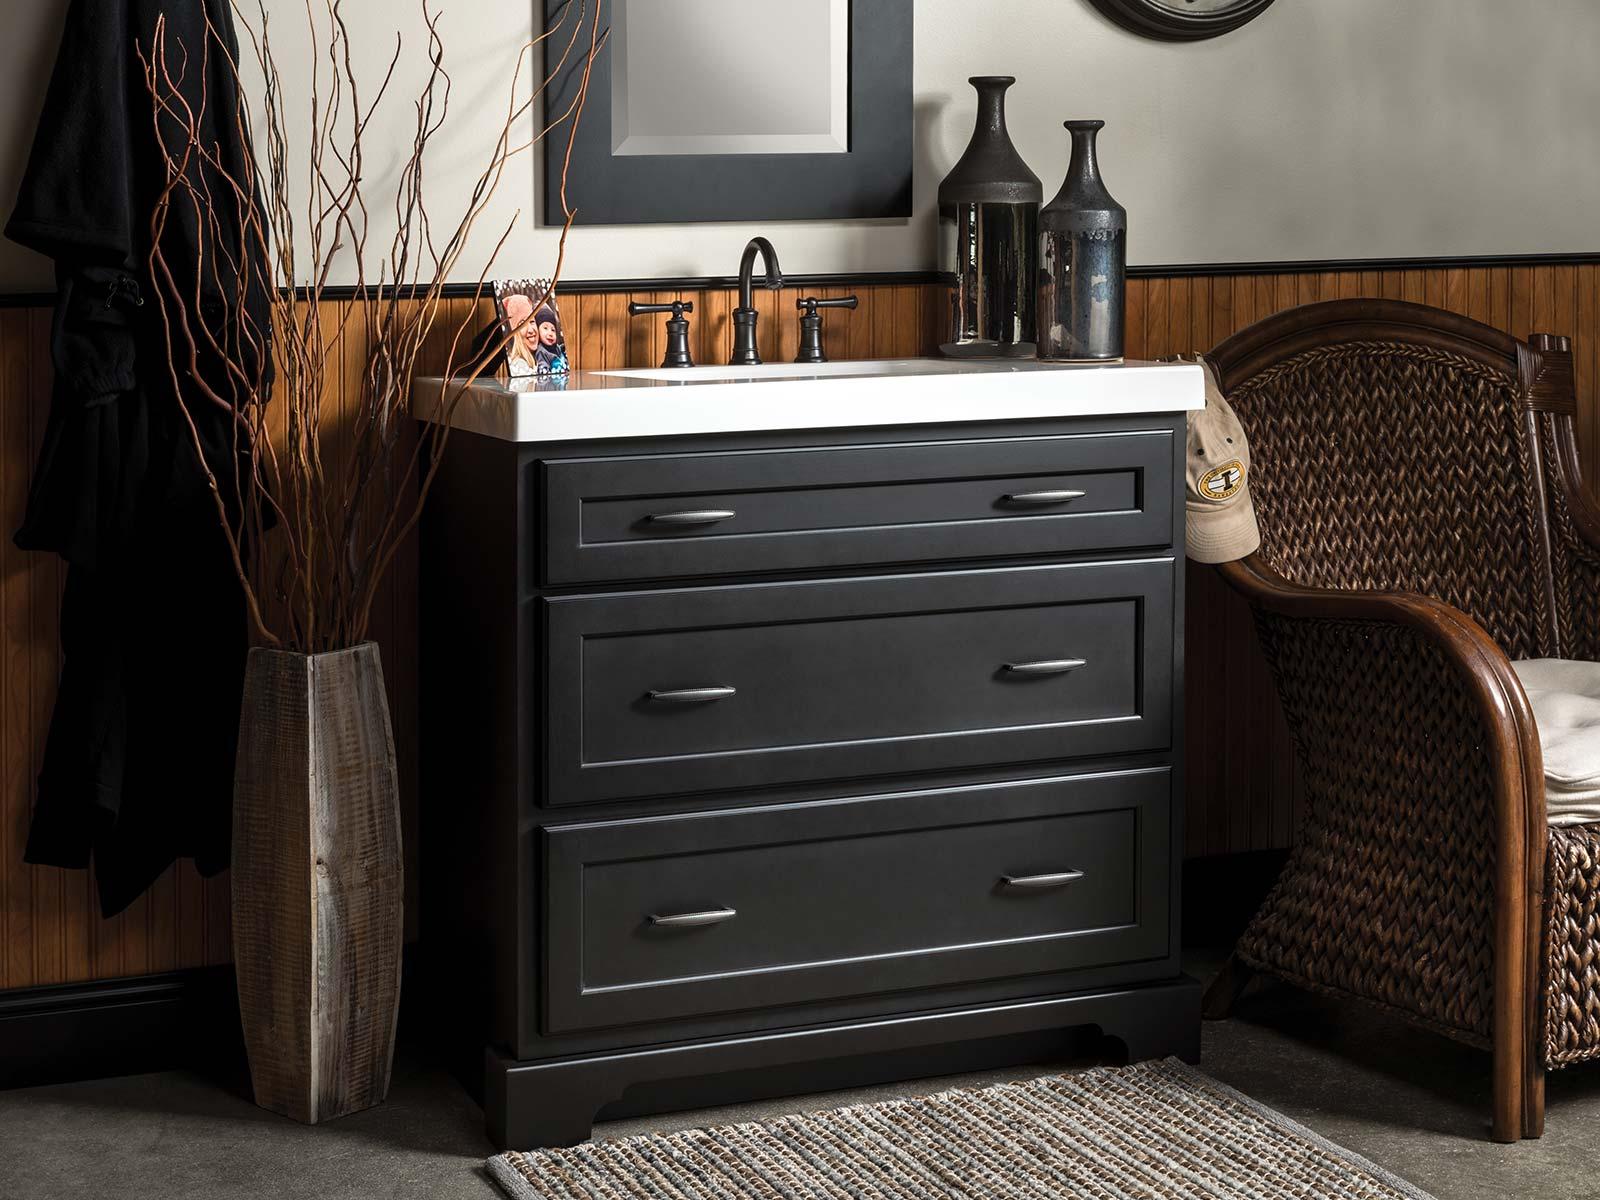 Northbrook Dresser Vanity - Black - Bertch Cabinets - Made ...